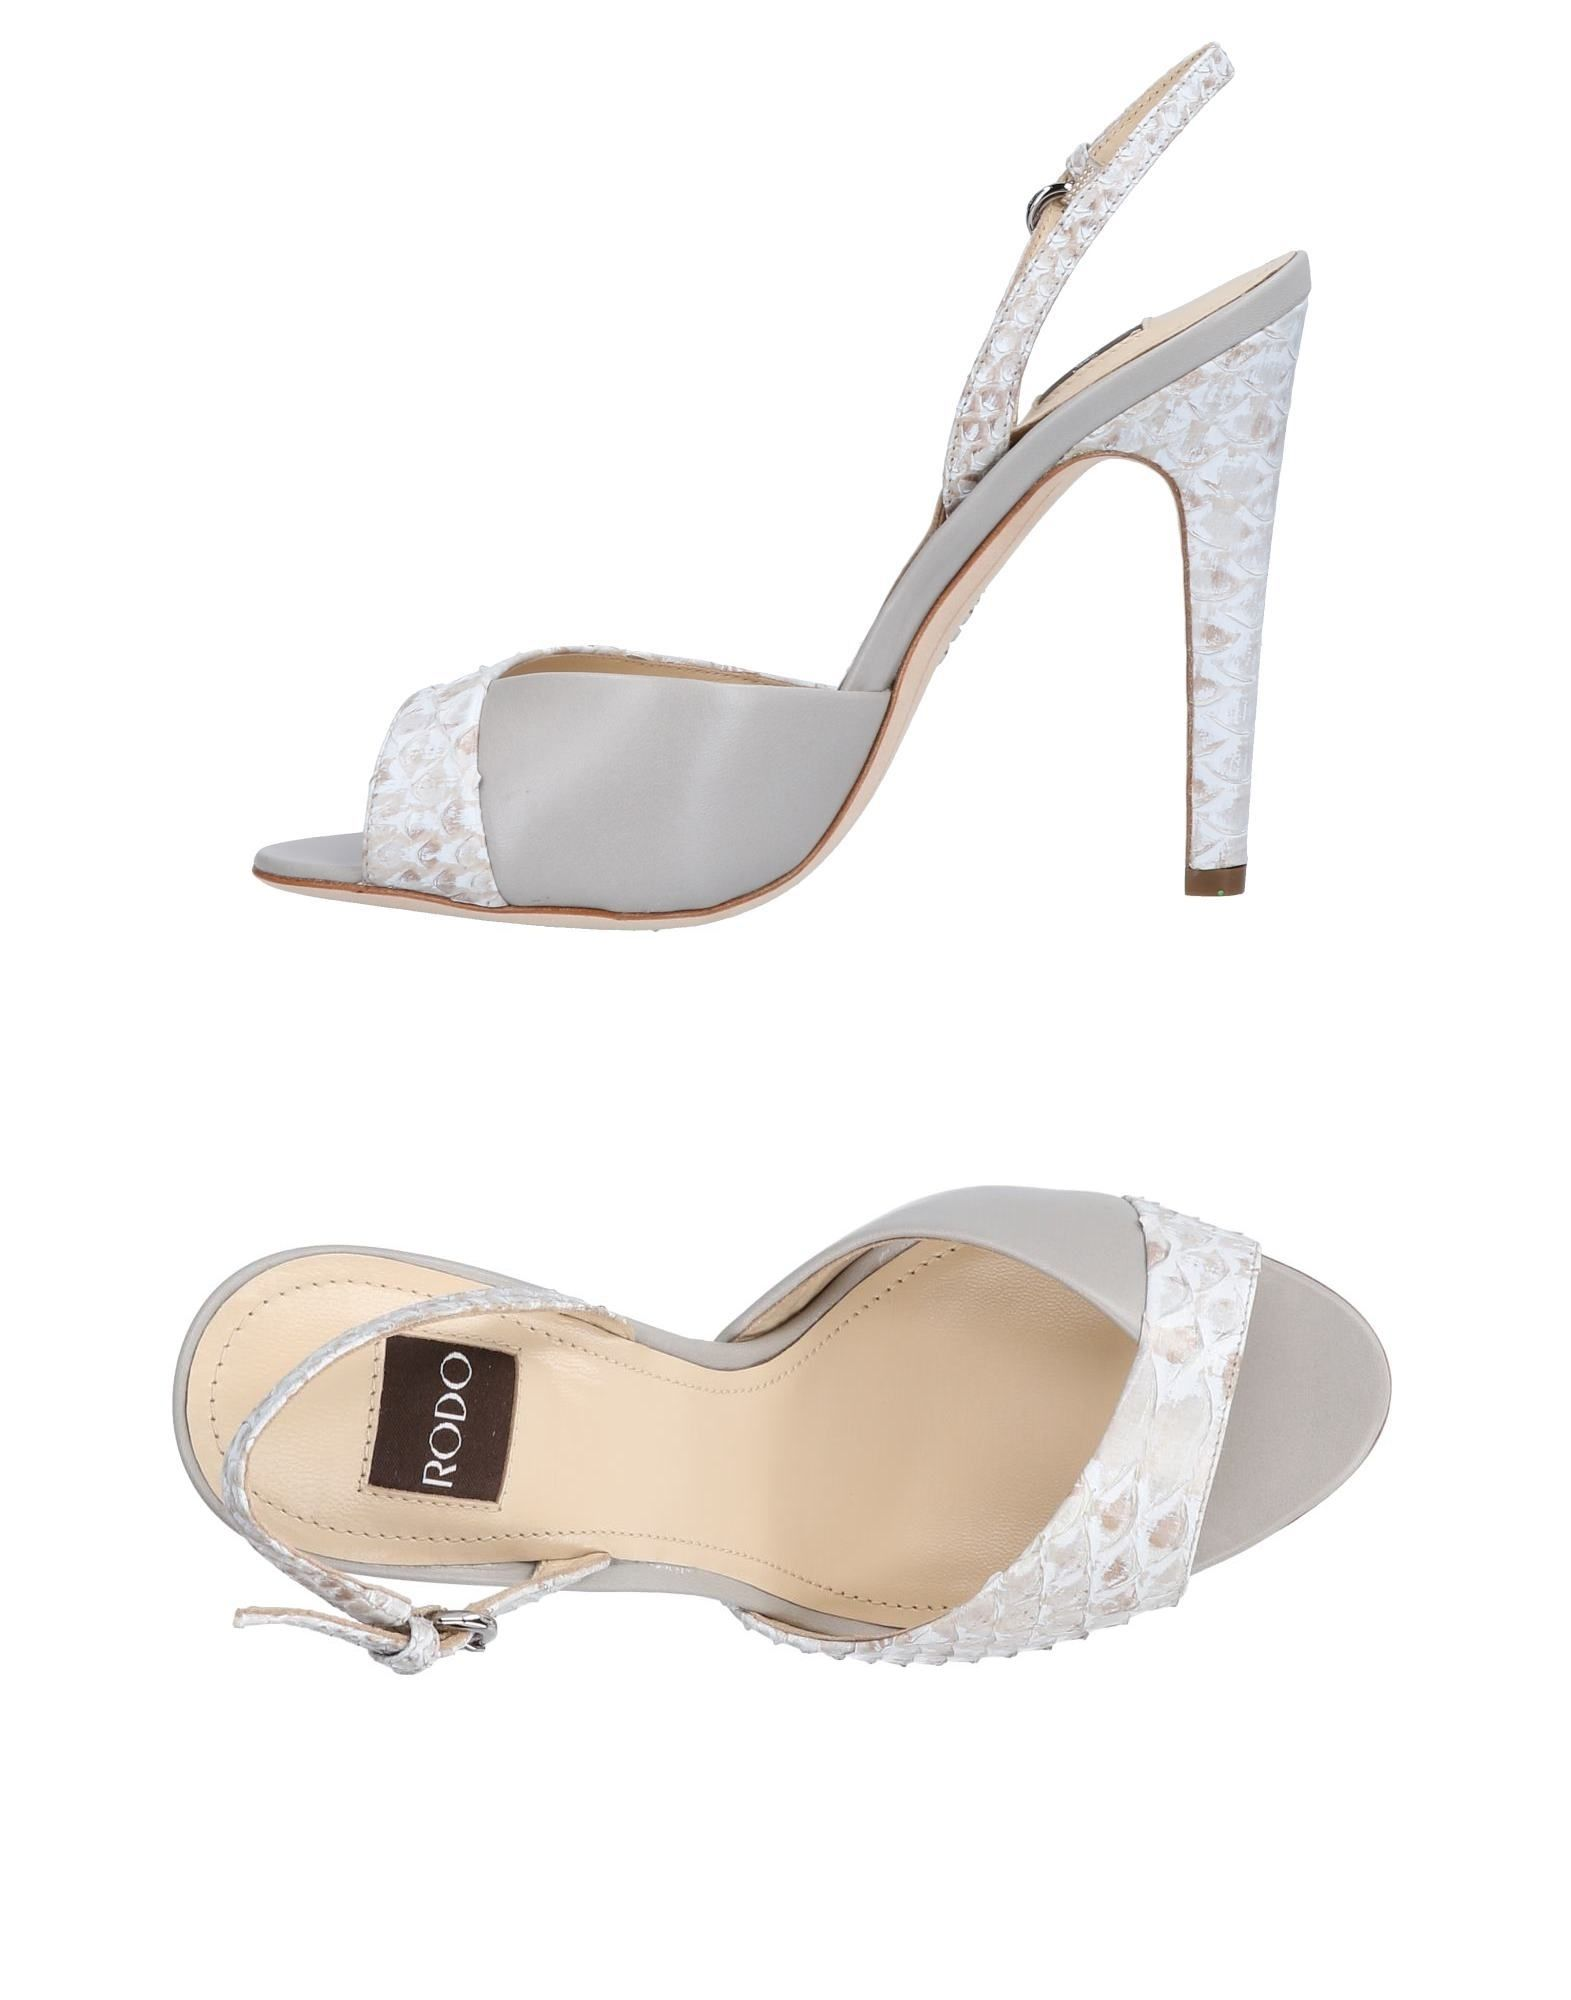 Moda Sandali Rodo Donna - 11465636KJ 11465636KJ - 90fd9f